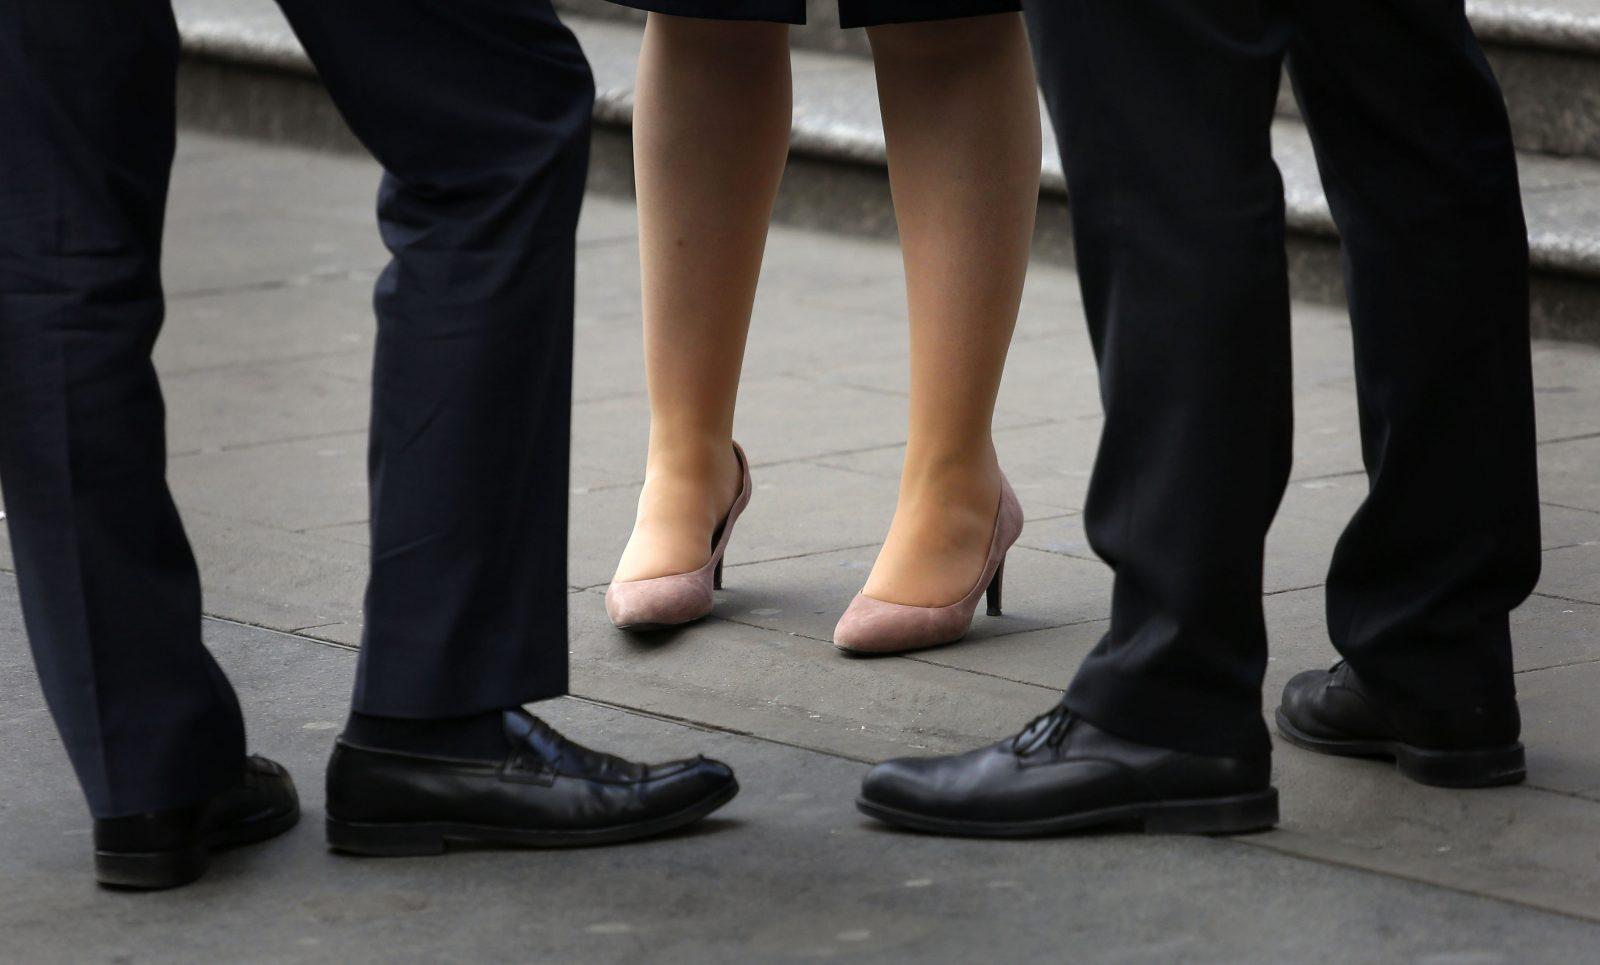 In Vorständen mit mehr als zwei Mitgliedern, soll künftig mindestens eine Frau vertreten sein.